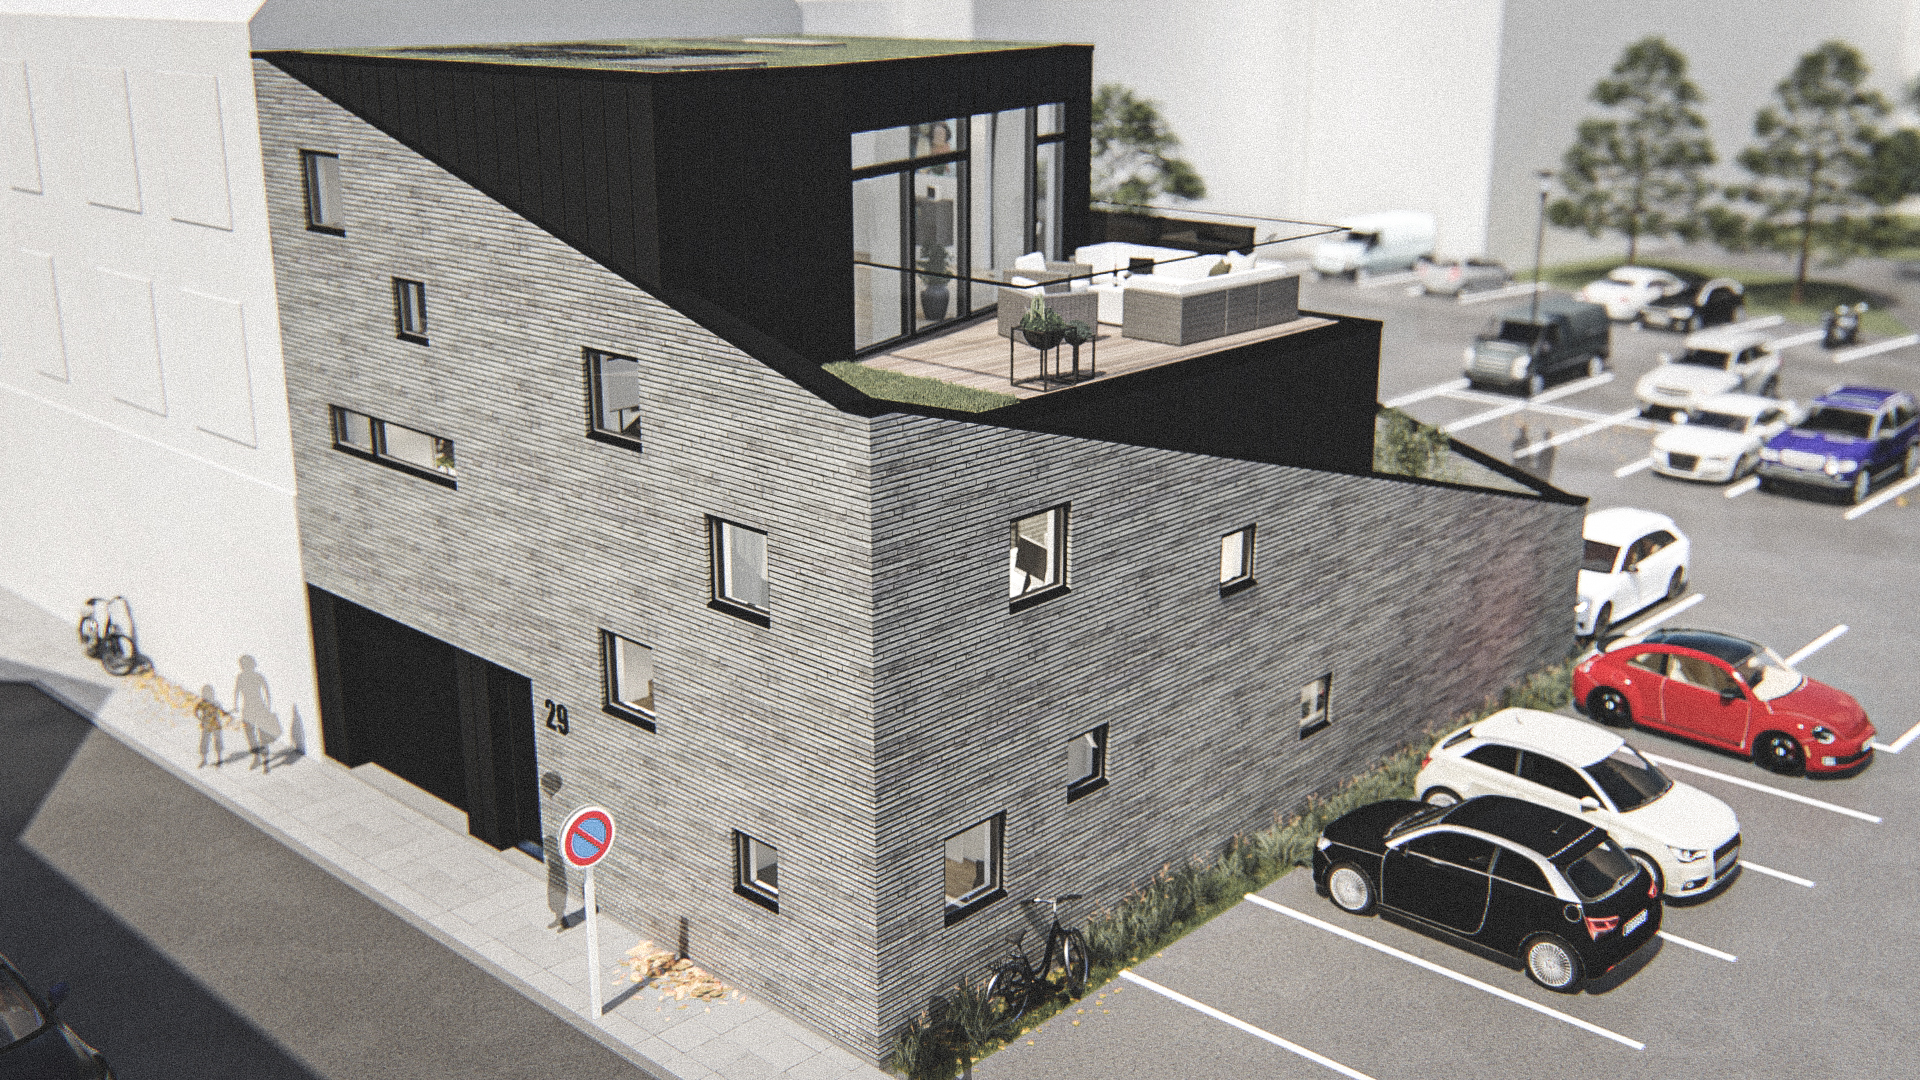 Billede af Dansk arkitekttegnet 3 plan villa af arkitektfirmaet m2plus, i Aalborg på 238 kvartratmeter.